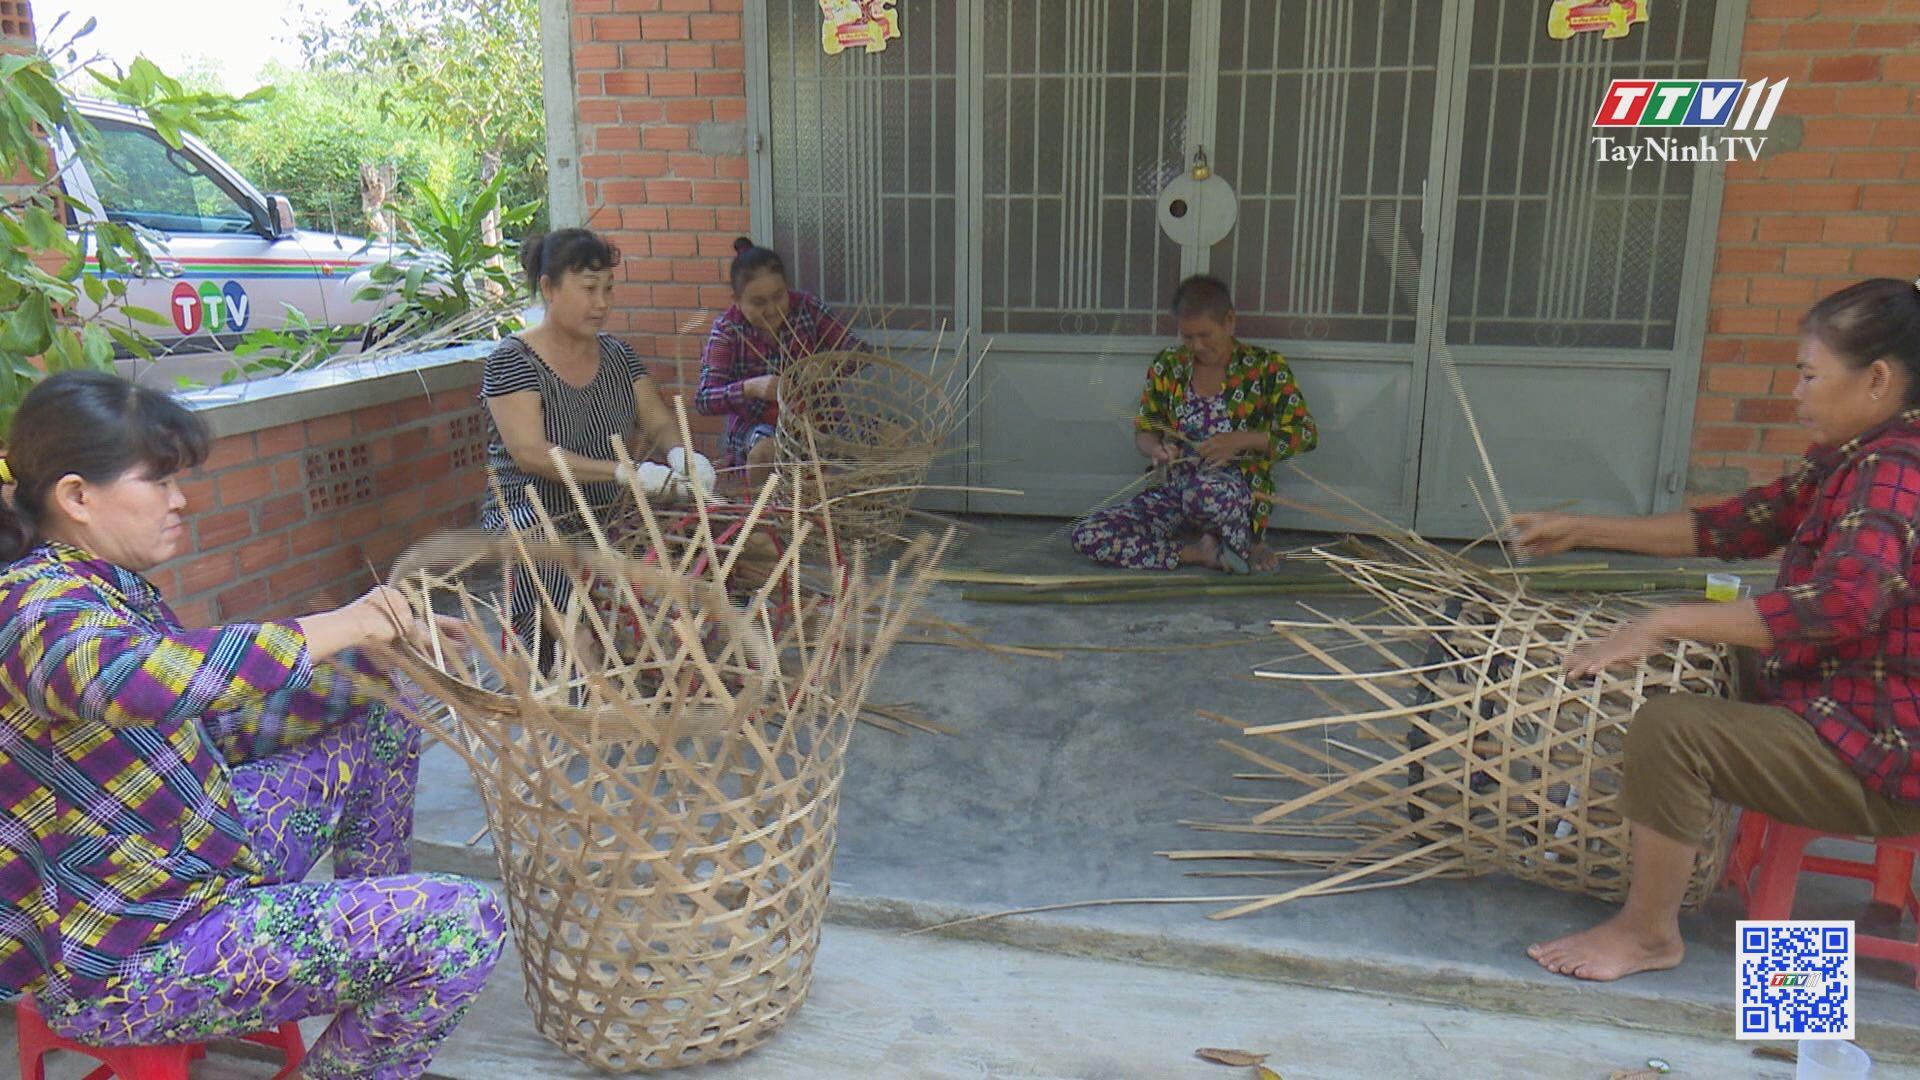 Tây Ninh nỗ lực đưa tỷ lệ hộ nghèo còn dưới 0,7% | GIẢM NGHÈO BỀN VỮNG | TayNinhTV